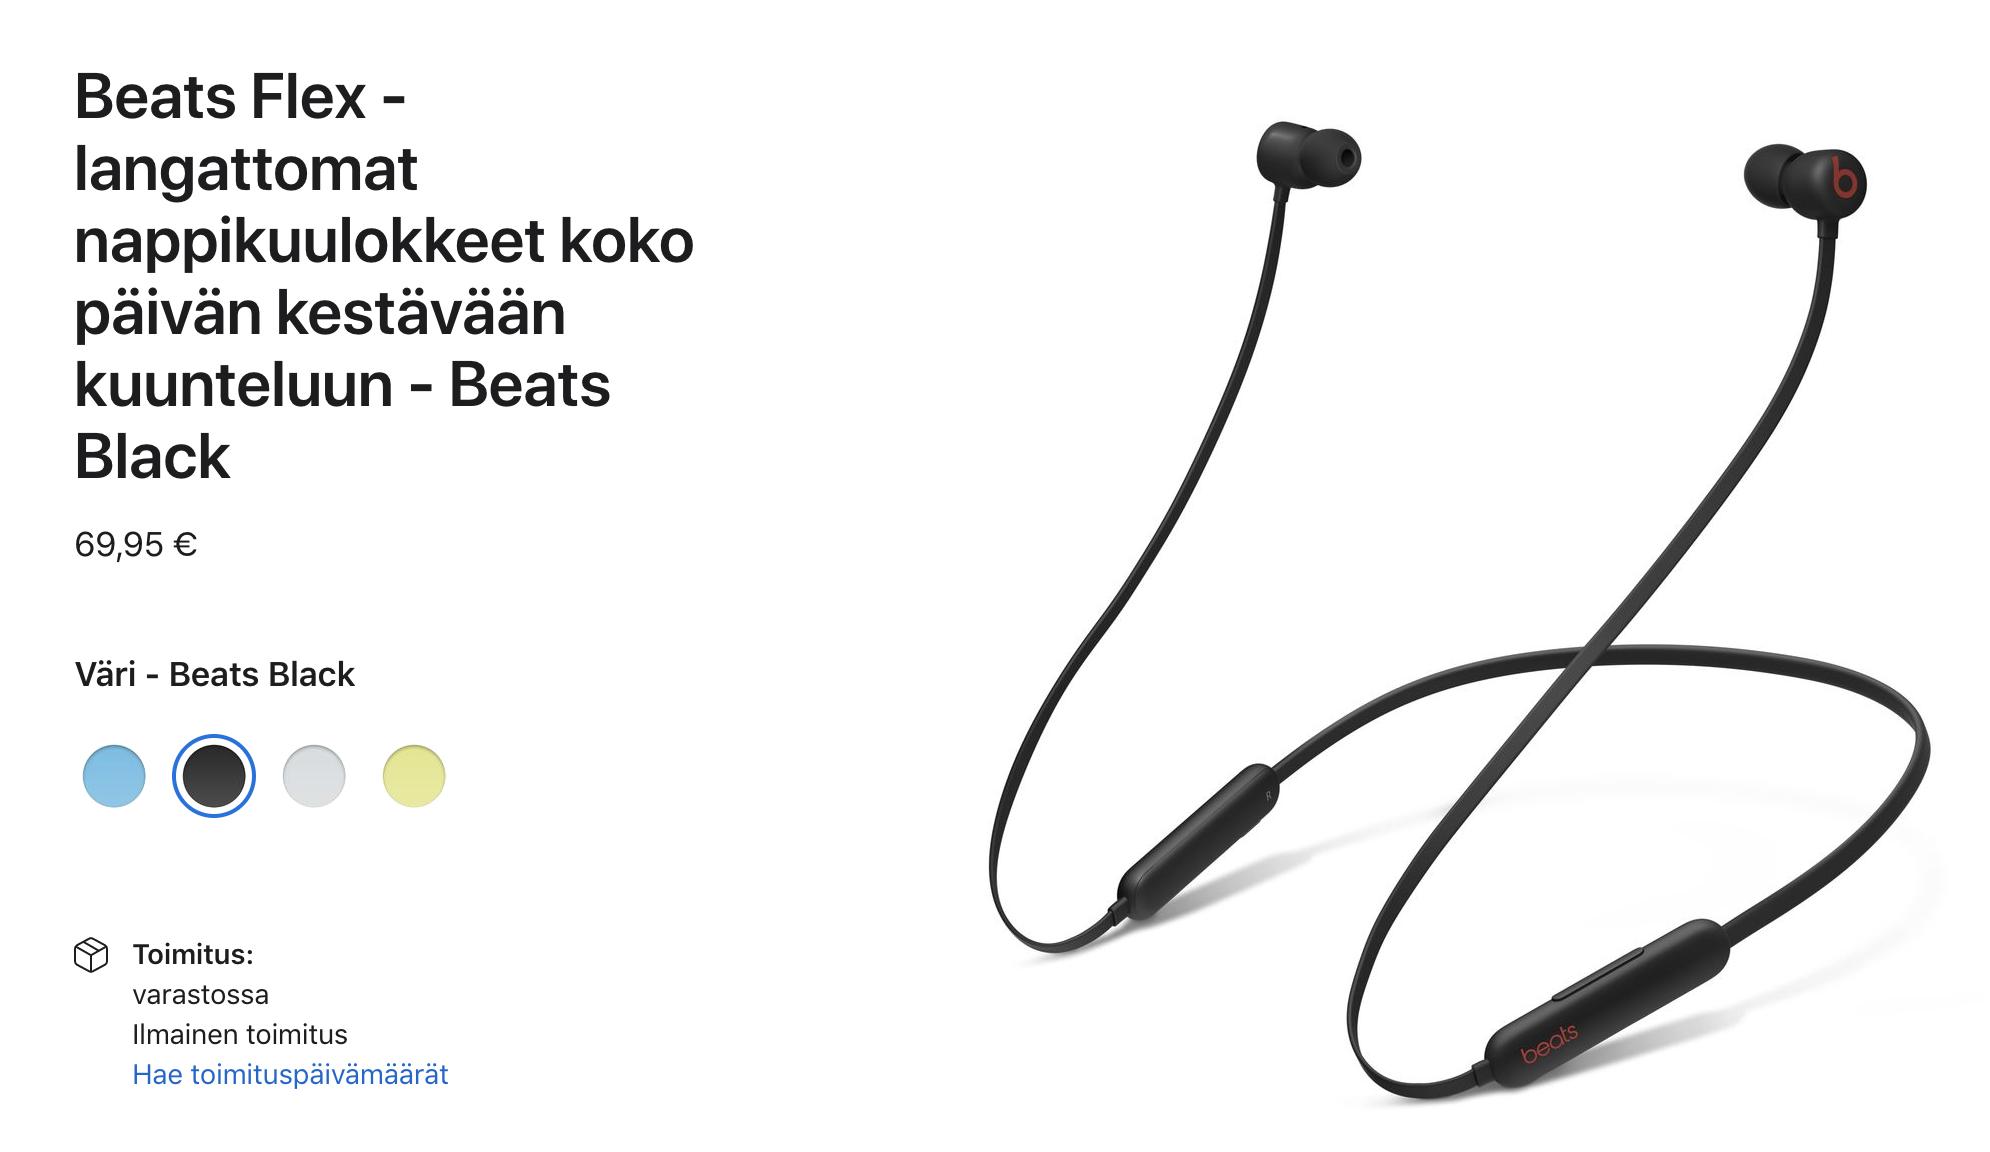 Beats Flex -kuulokkeet maksavat nyt Applen verkkokaupassa 69,95 euroa.